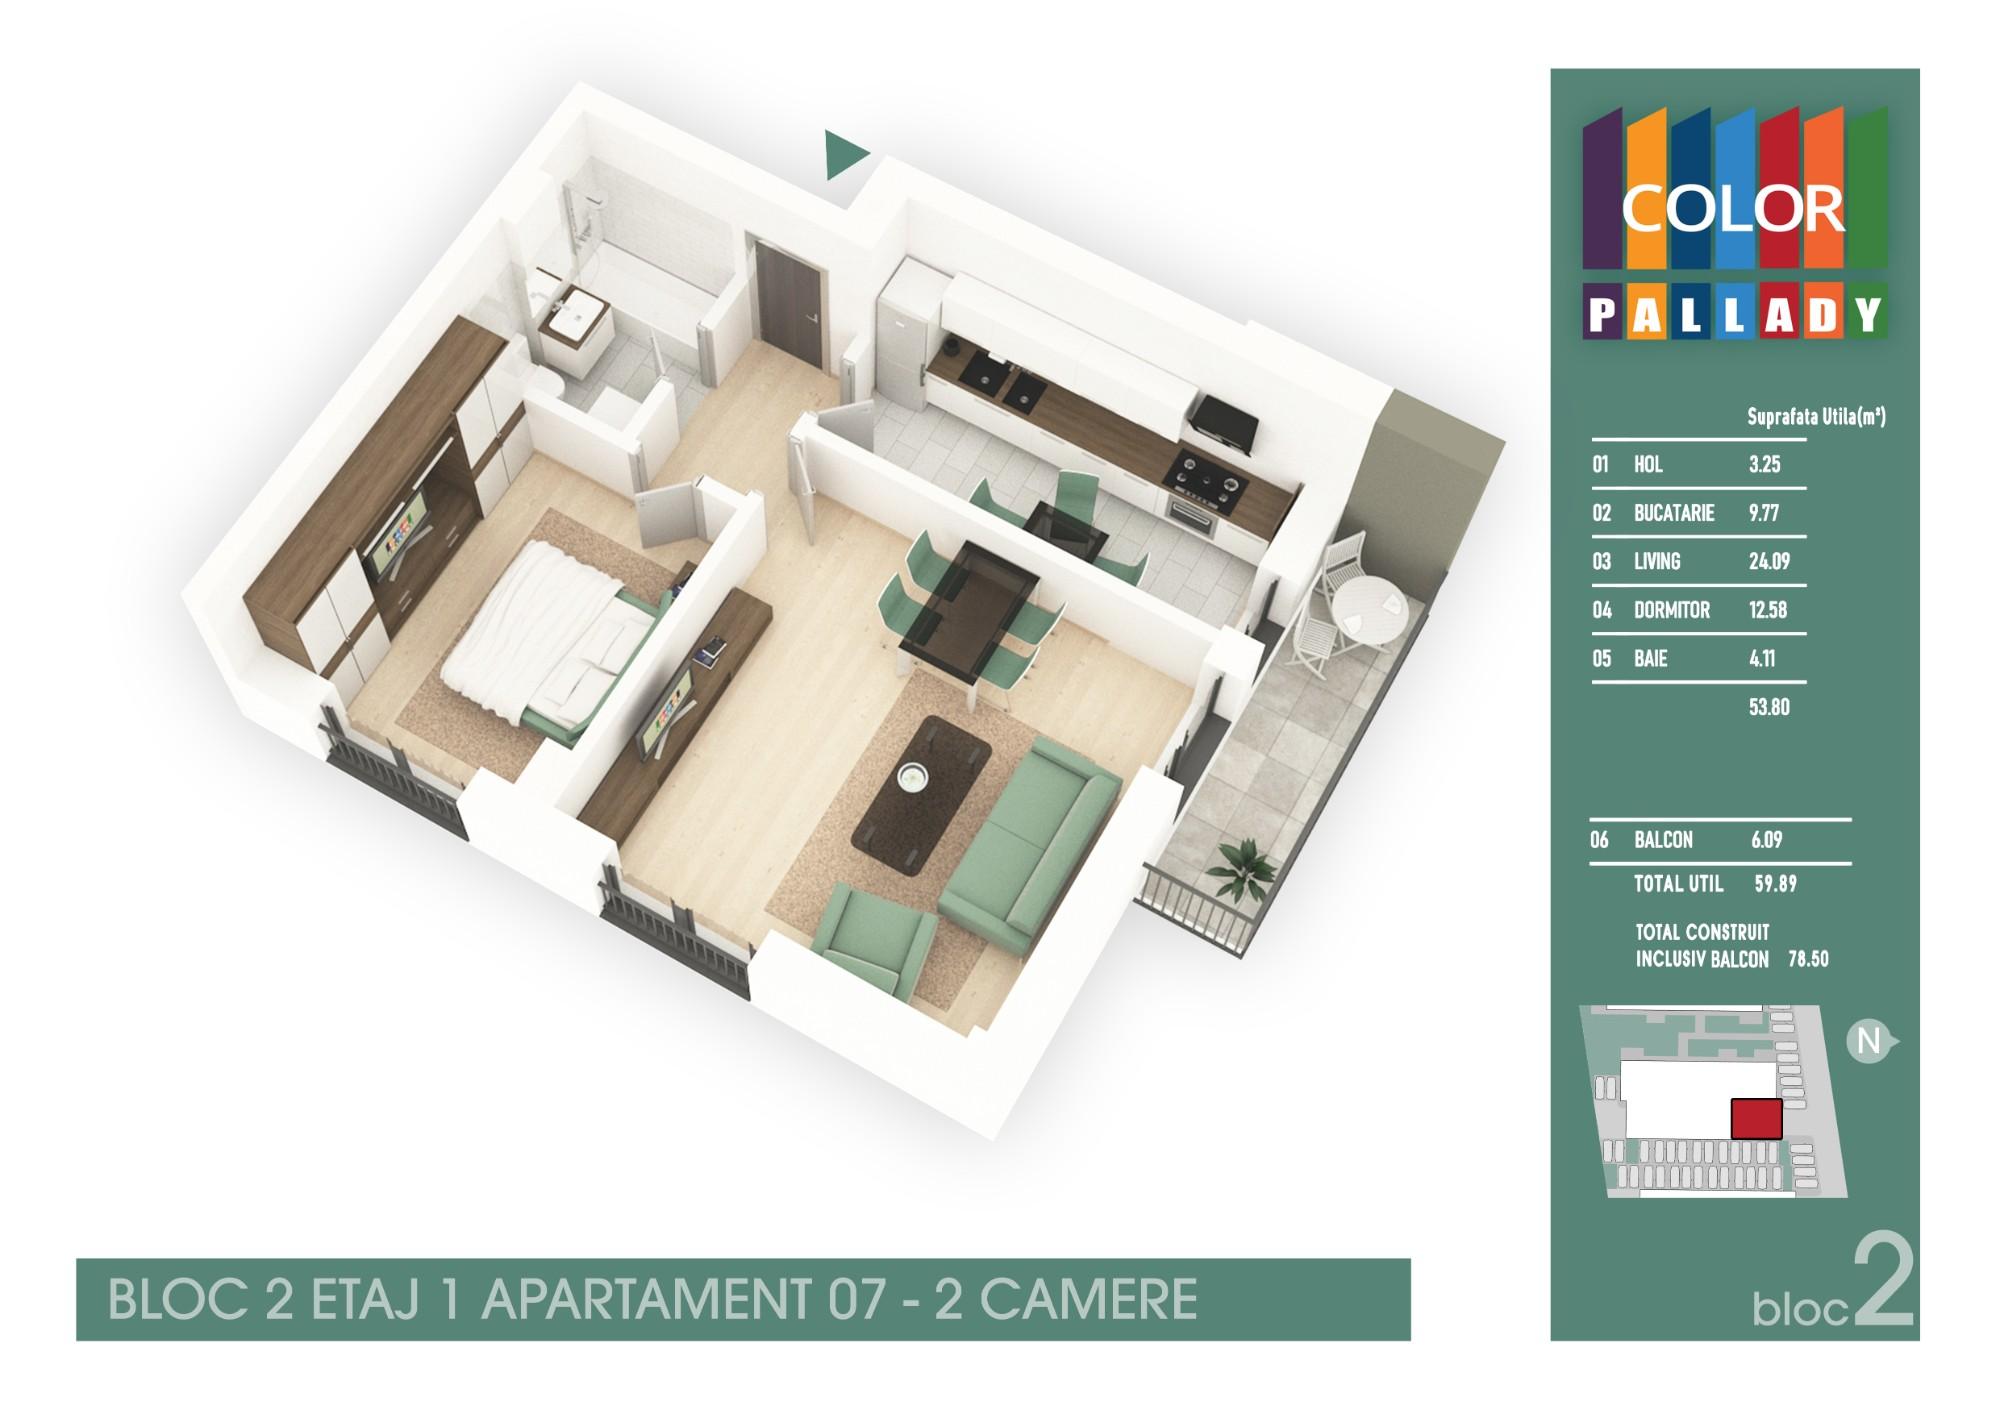 Bloc 2 - Etaj 1 - Apartament 07